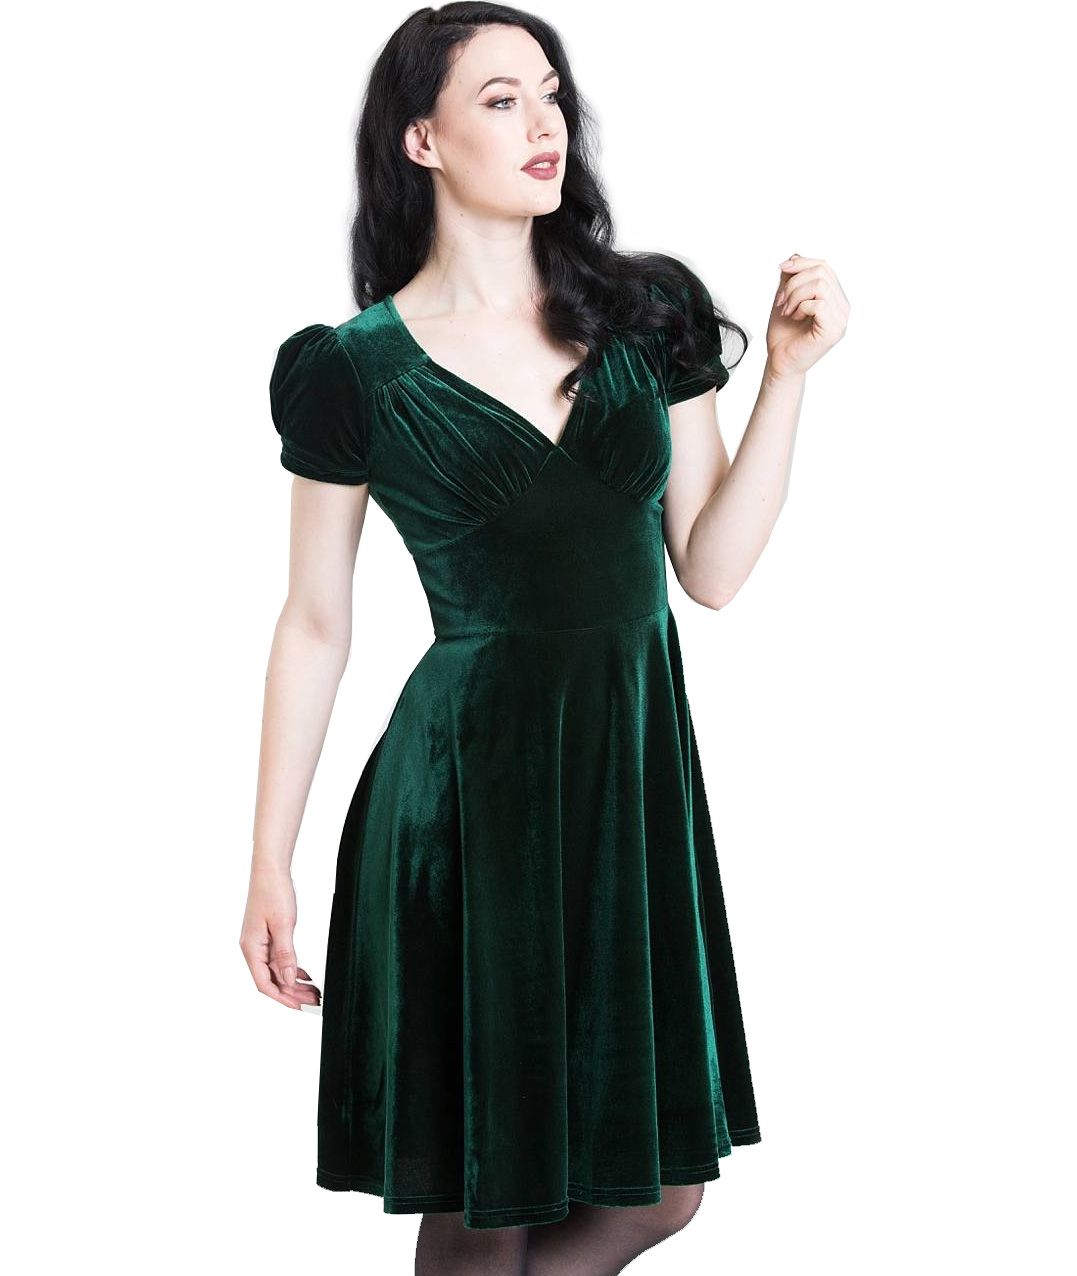 Hell-Bunny-40s-50s-Elegant-Pin-Up-Dress-JOANNE-Crushed-Velvet-Green-All-Sizes thumbnail 3